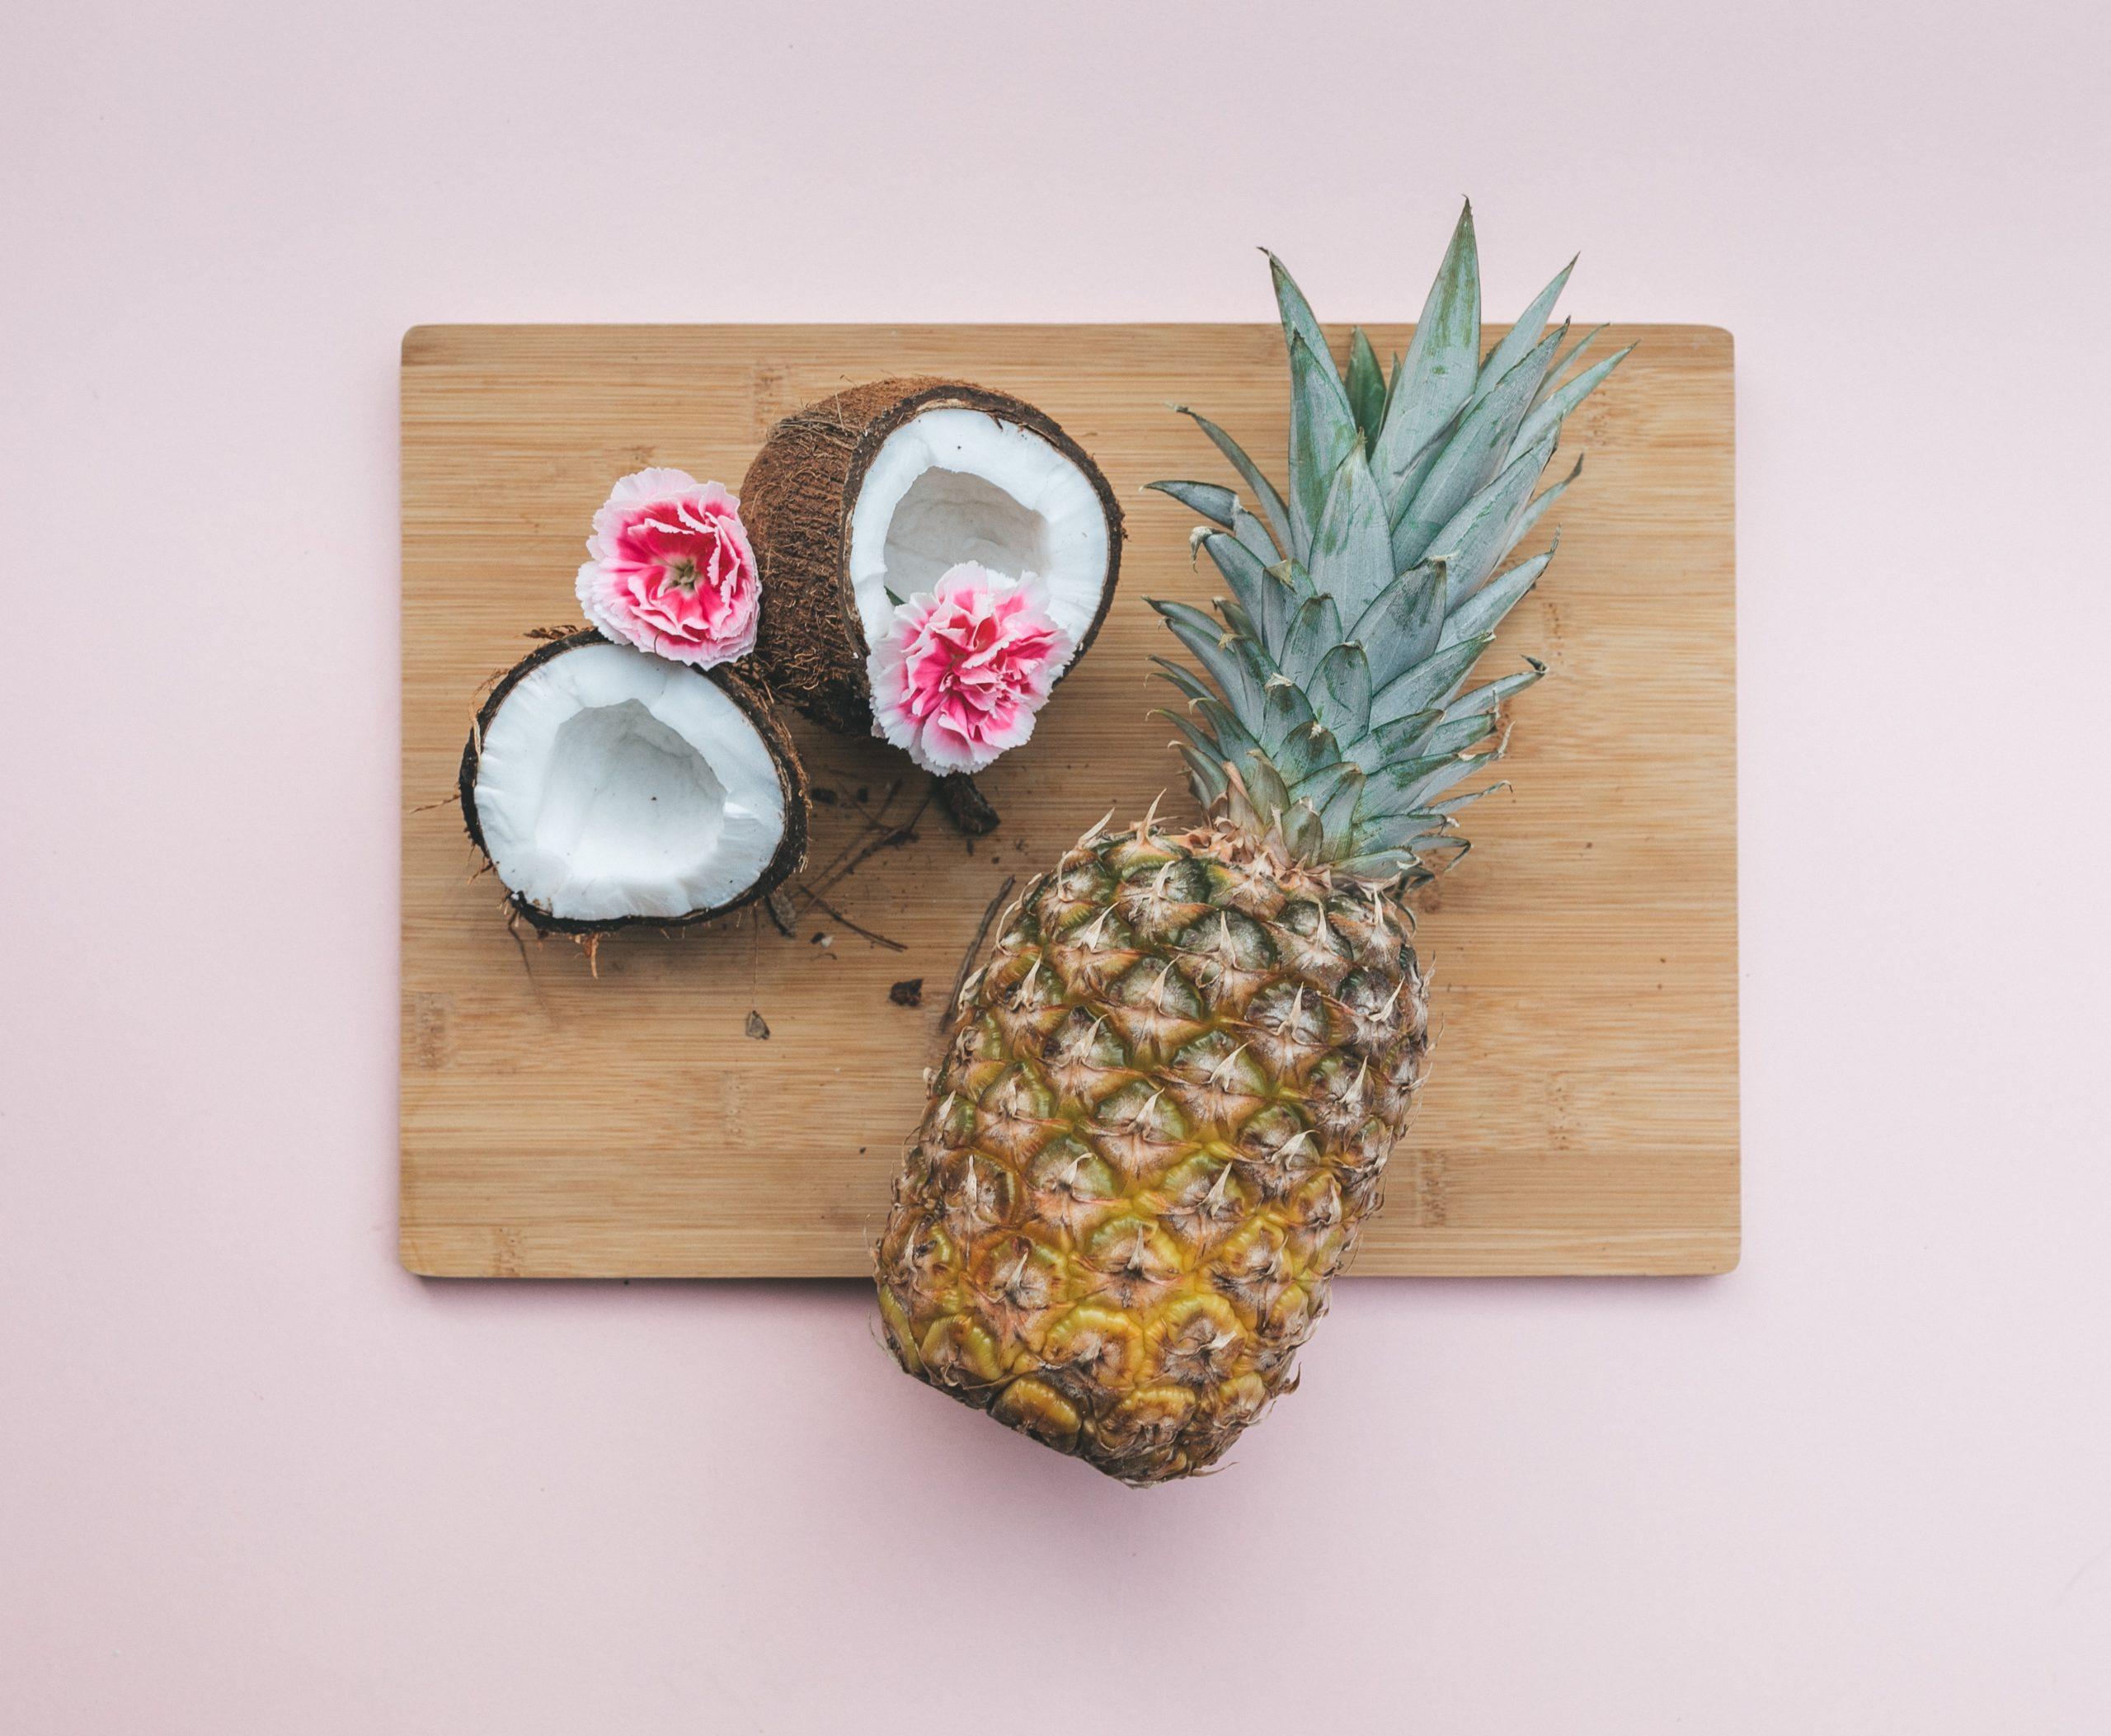 ananas, coco: des exemples typyques de fruits difficiles à éplucher